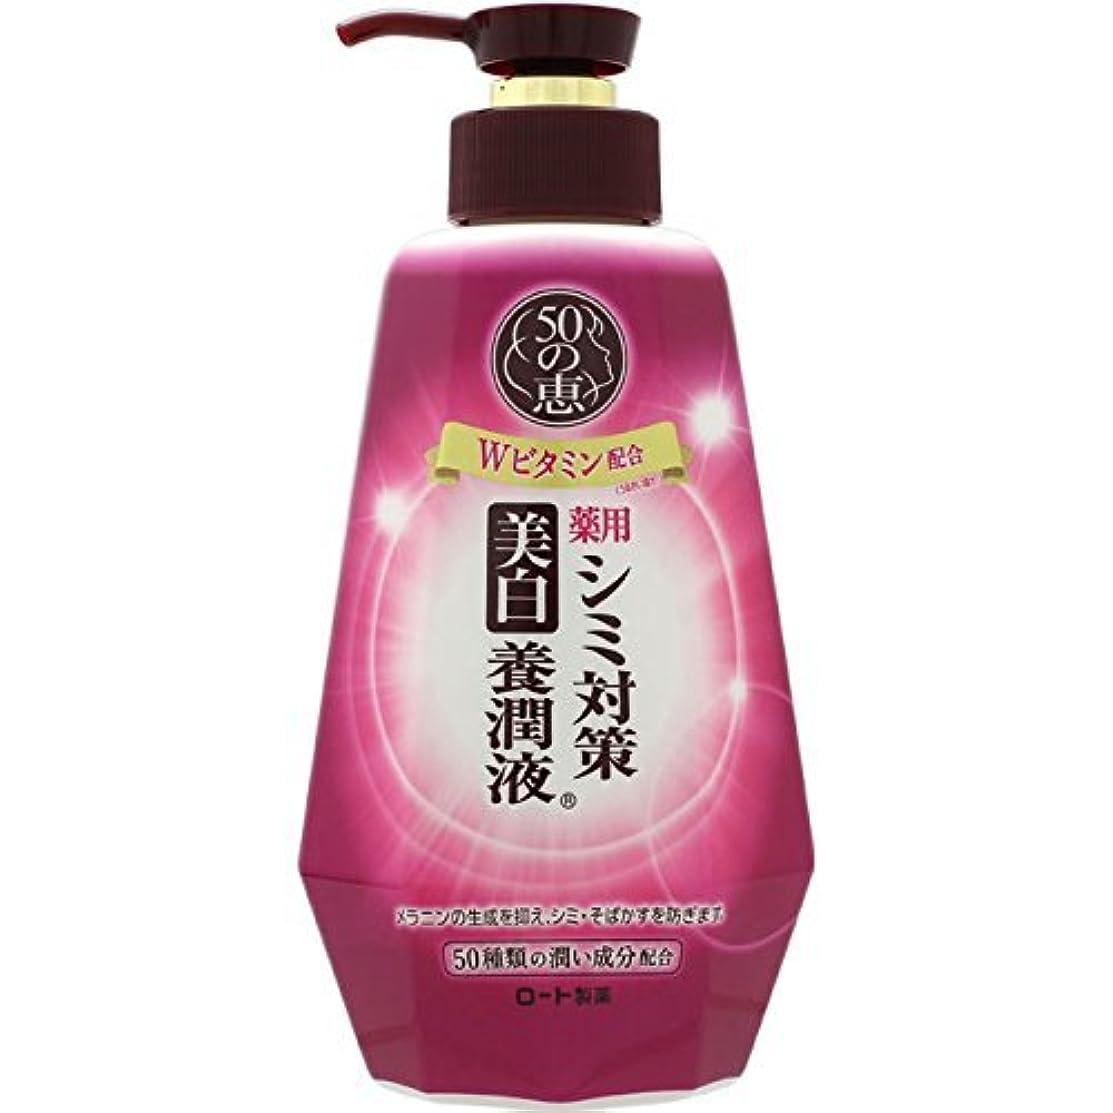 レシピ喜んで裁判所50の恵 シミ対策 美白養潤液 230mL (医薬部外品) ×9